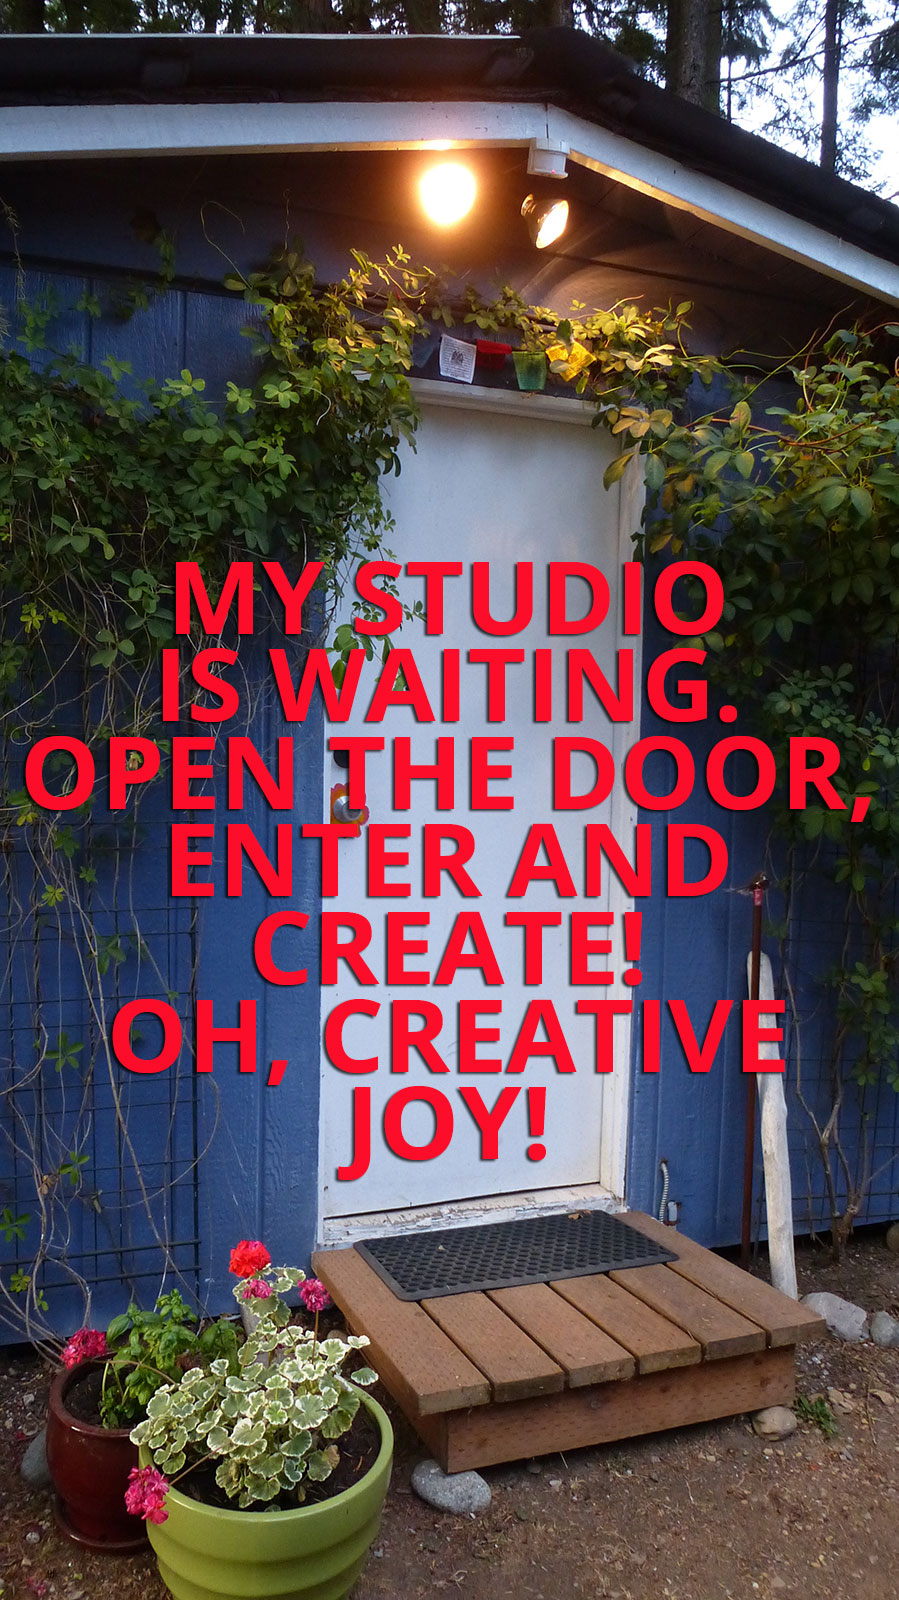 Creative Joy by Jennifer Louden